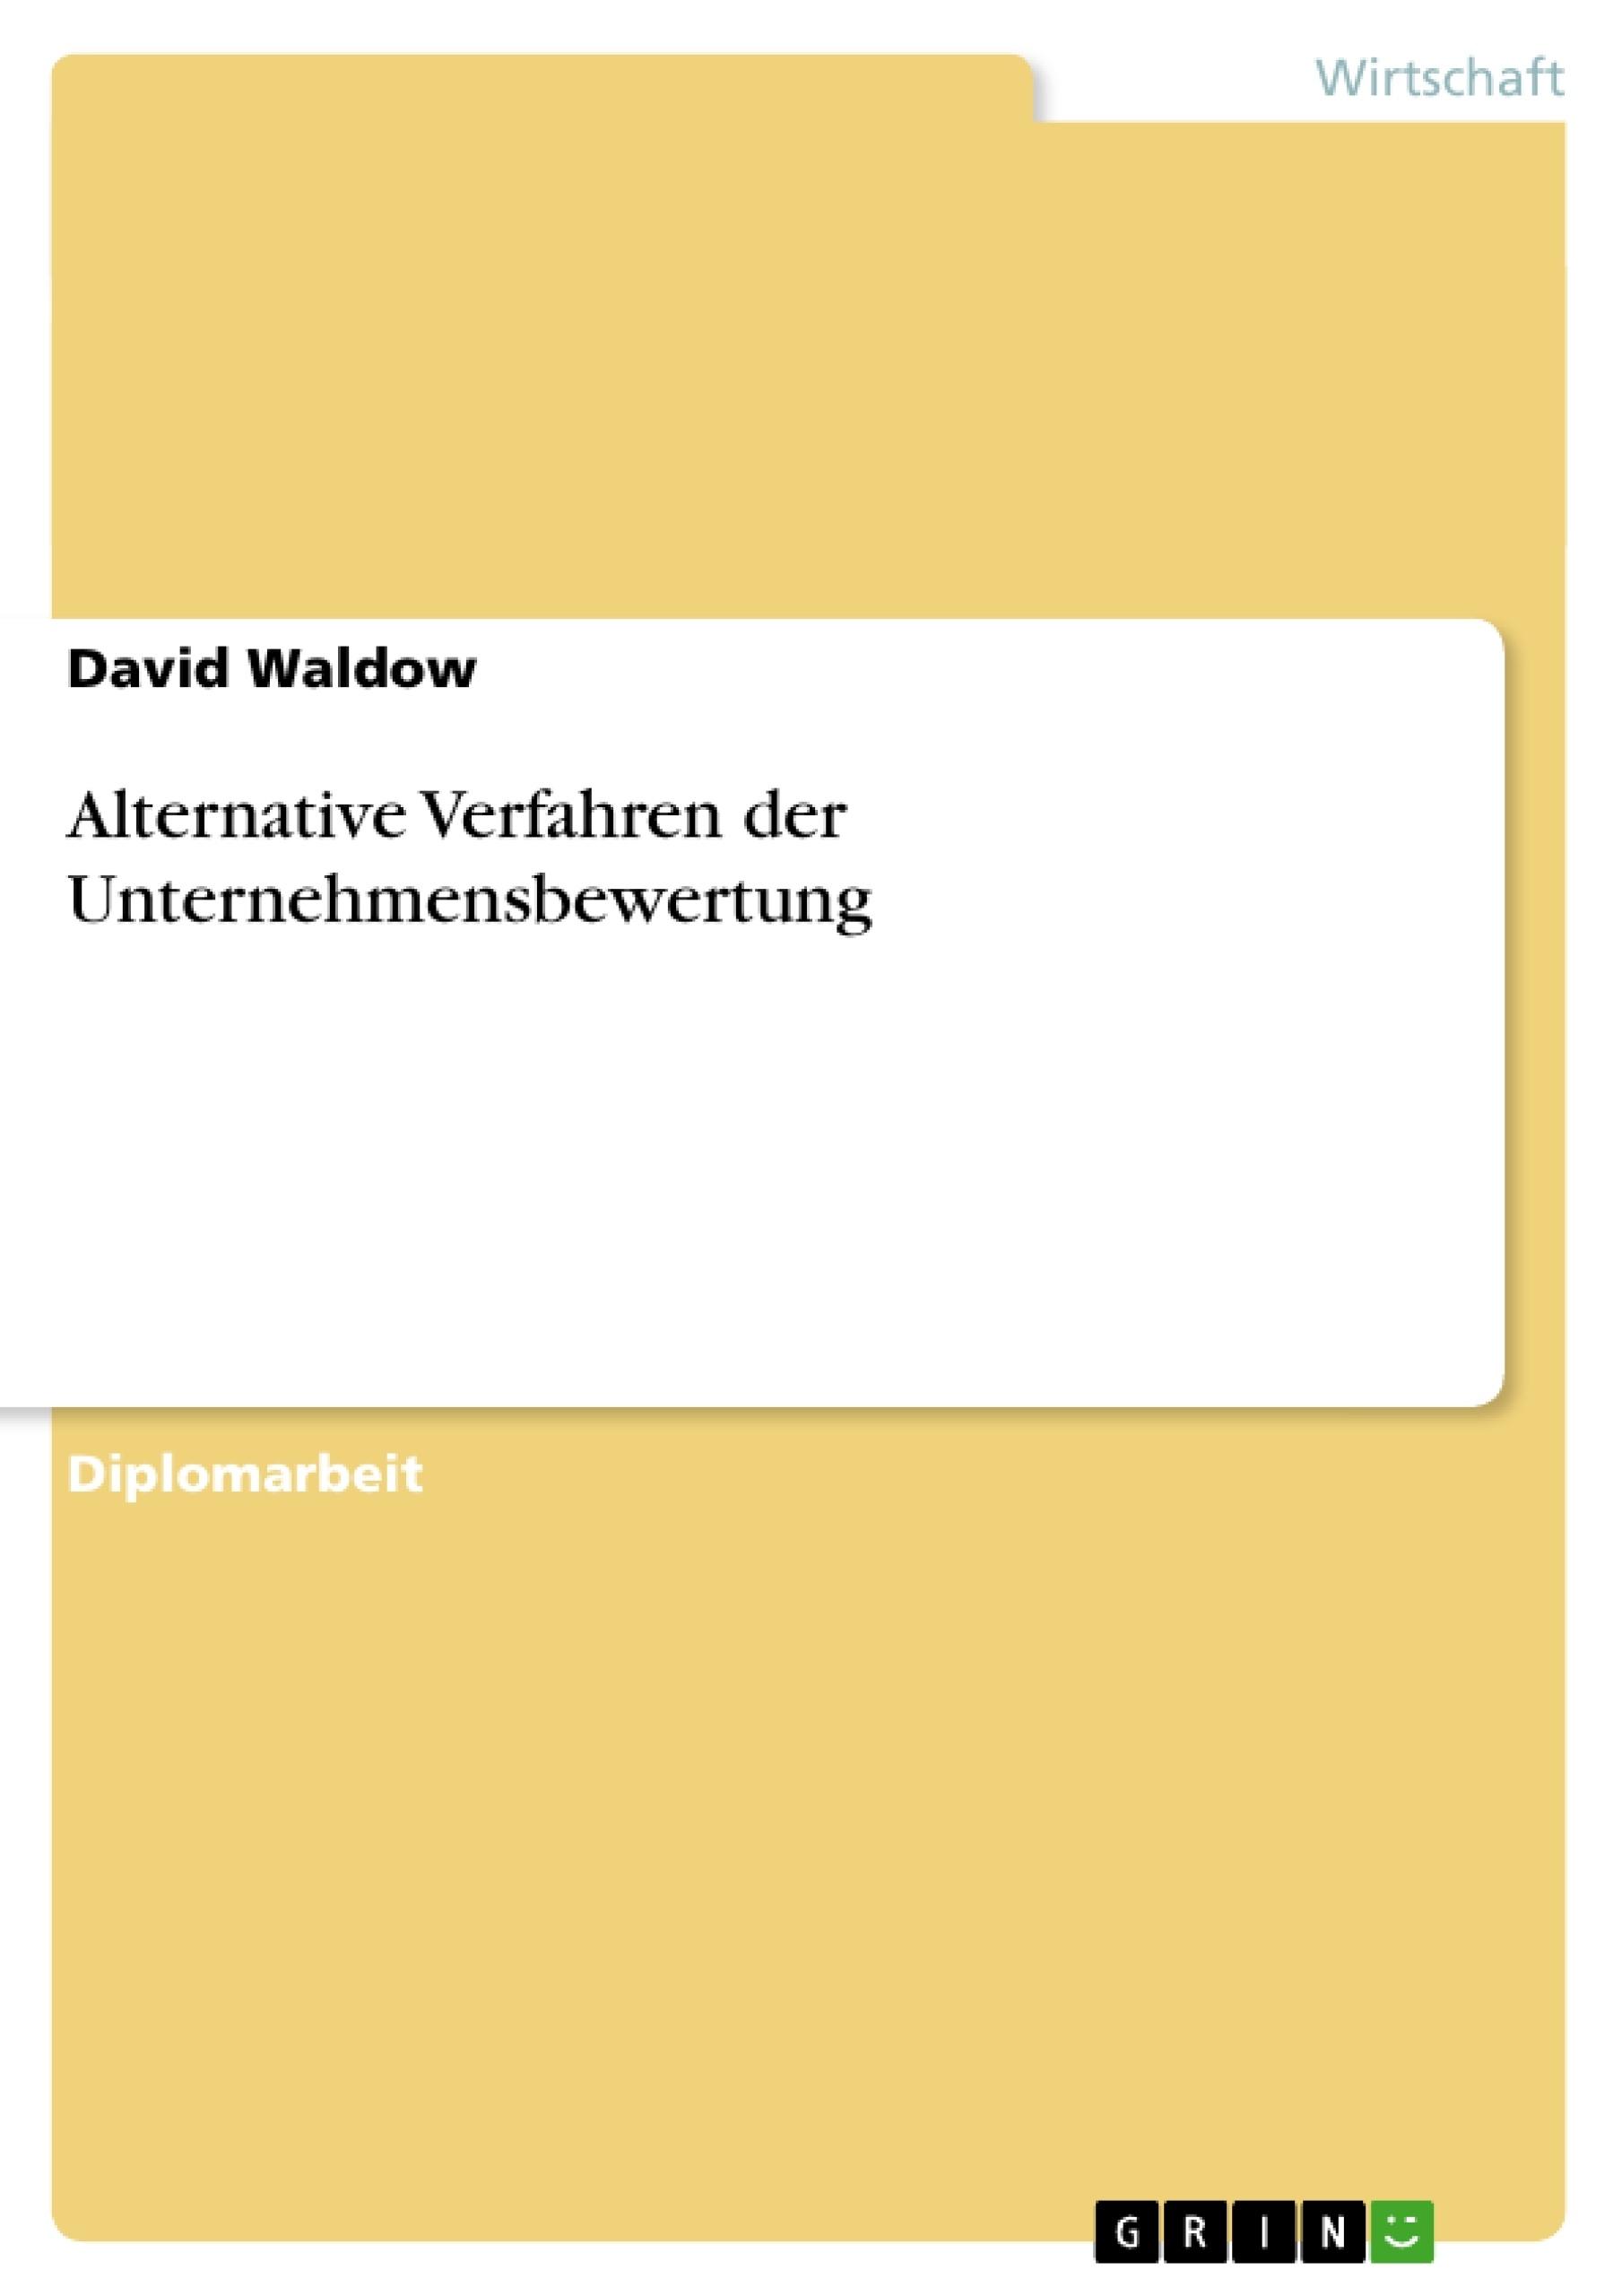 Titel: Alternative Verfahren der Unternehmensbewertung